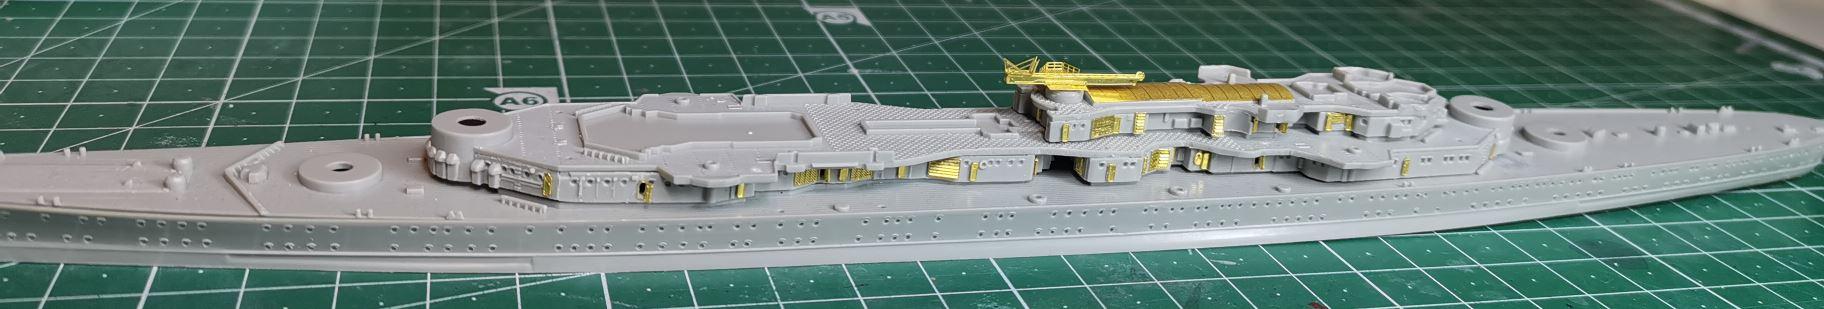 [TERMINE] Croiseur Prinz Eugen Trumpeter 1/700e, PE Flyhawk, pont en bois - Page 2 Eugen110